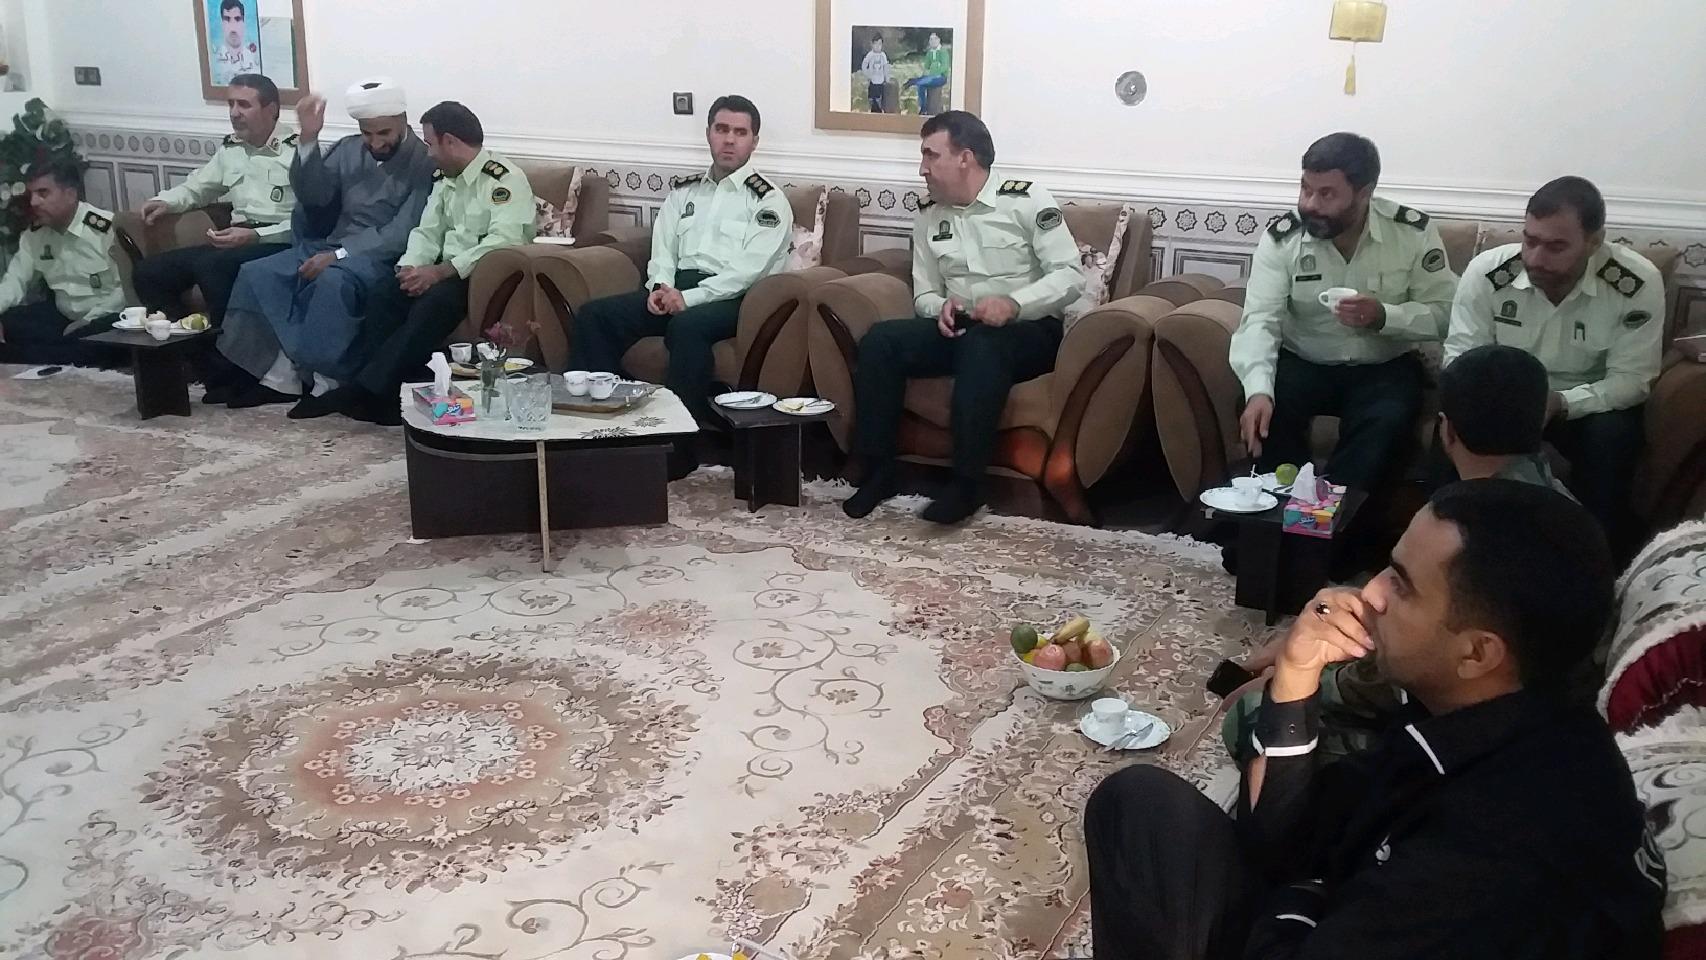 فرمانده انتظامی حامل پیام و سلام رهبری به خانواده شهدای ناجا